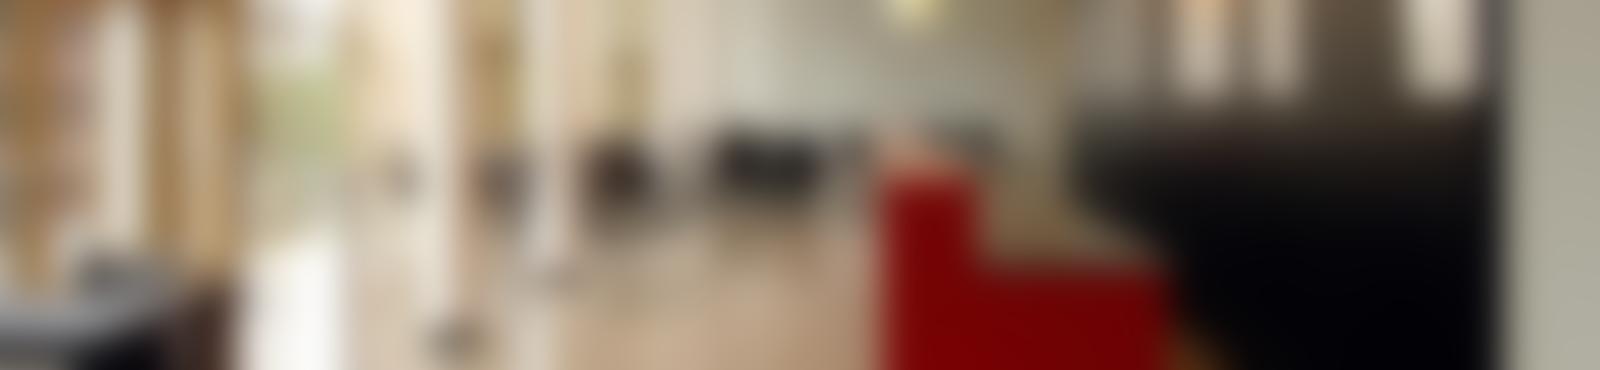 Blurred f3da1772 5ddb 4ccc 8e7a f4f99f816e5c